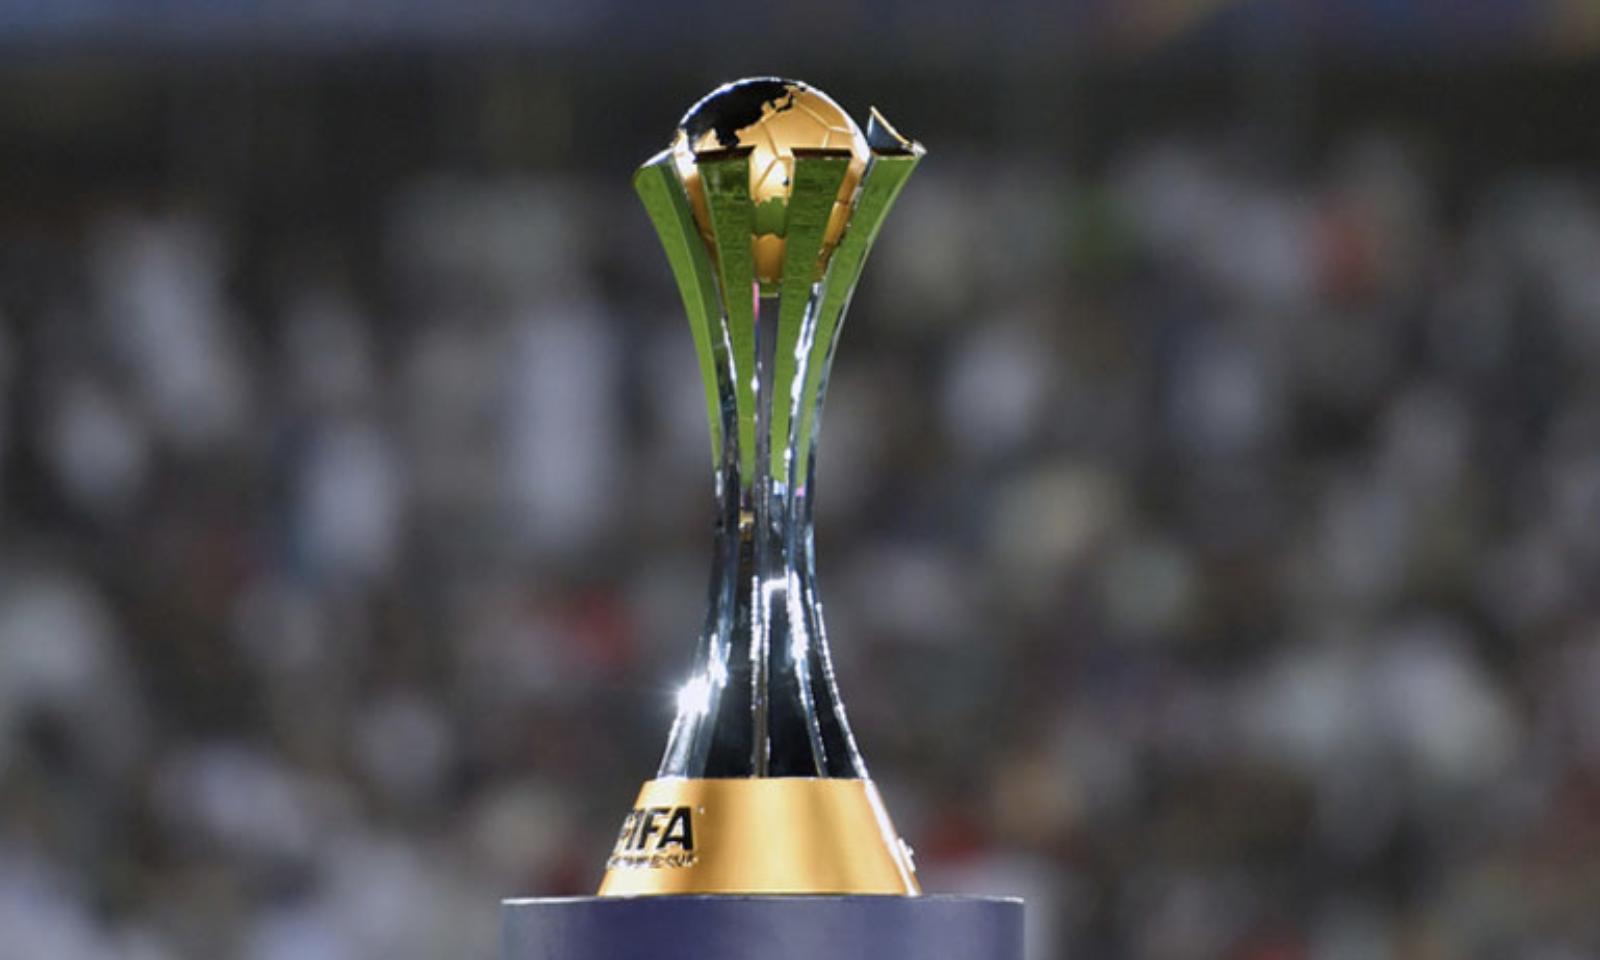 Coupe du monde des clubs : Le tirage au sort se déroule aujourd'hui